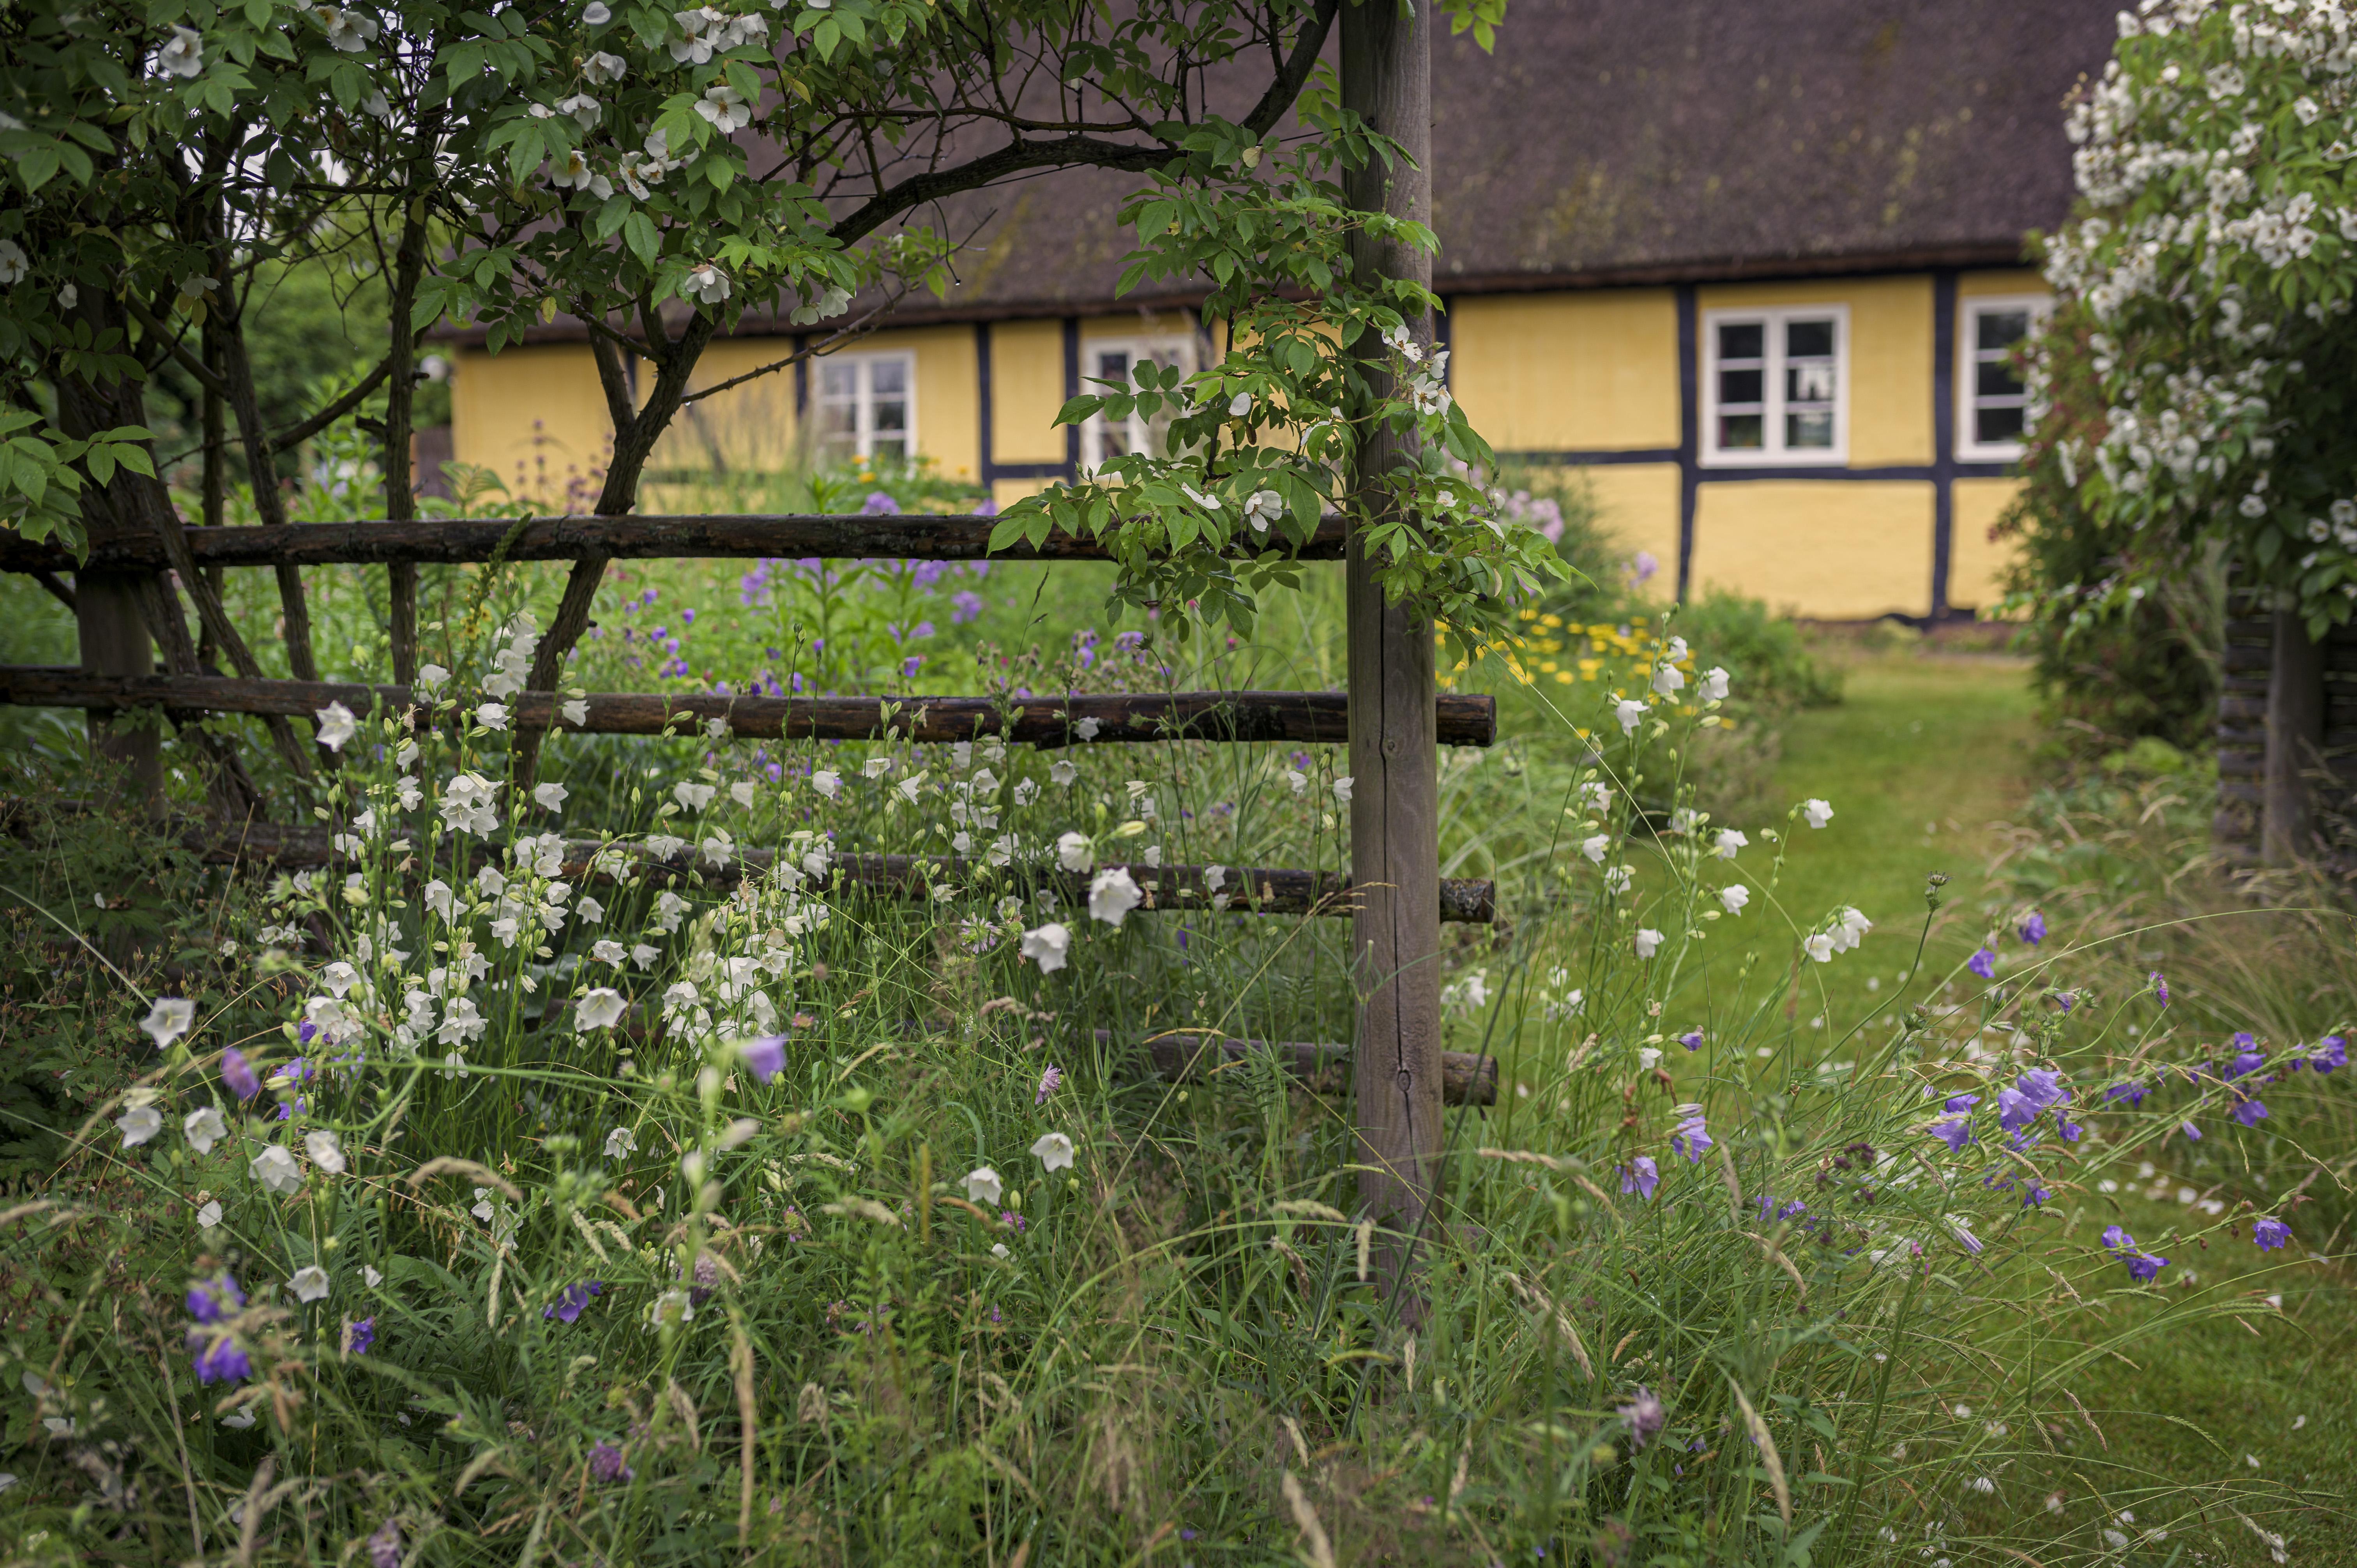 Fra kornmark til blomsterparadis: Sådan forvandlede Erik og Inge deres grund til vildeng